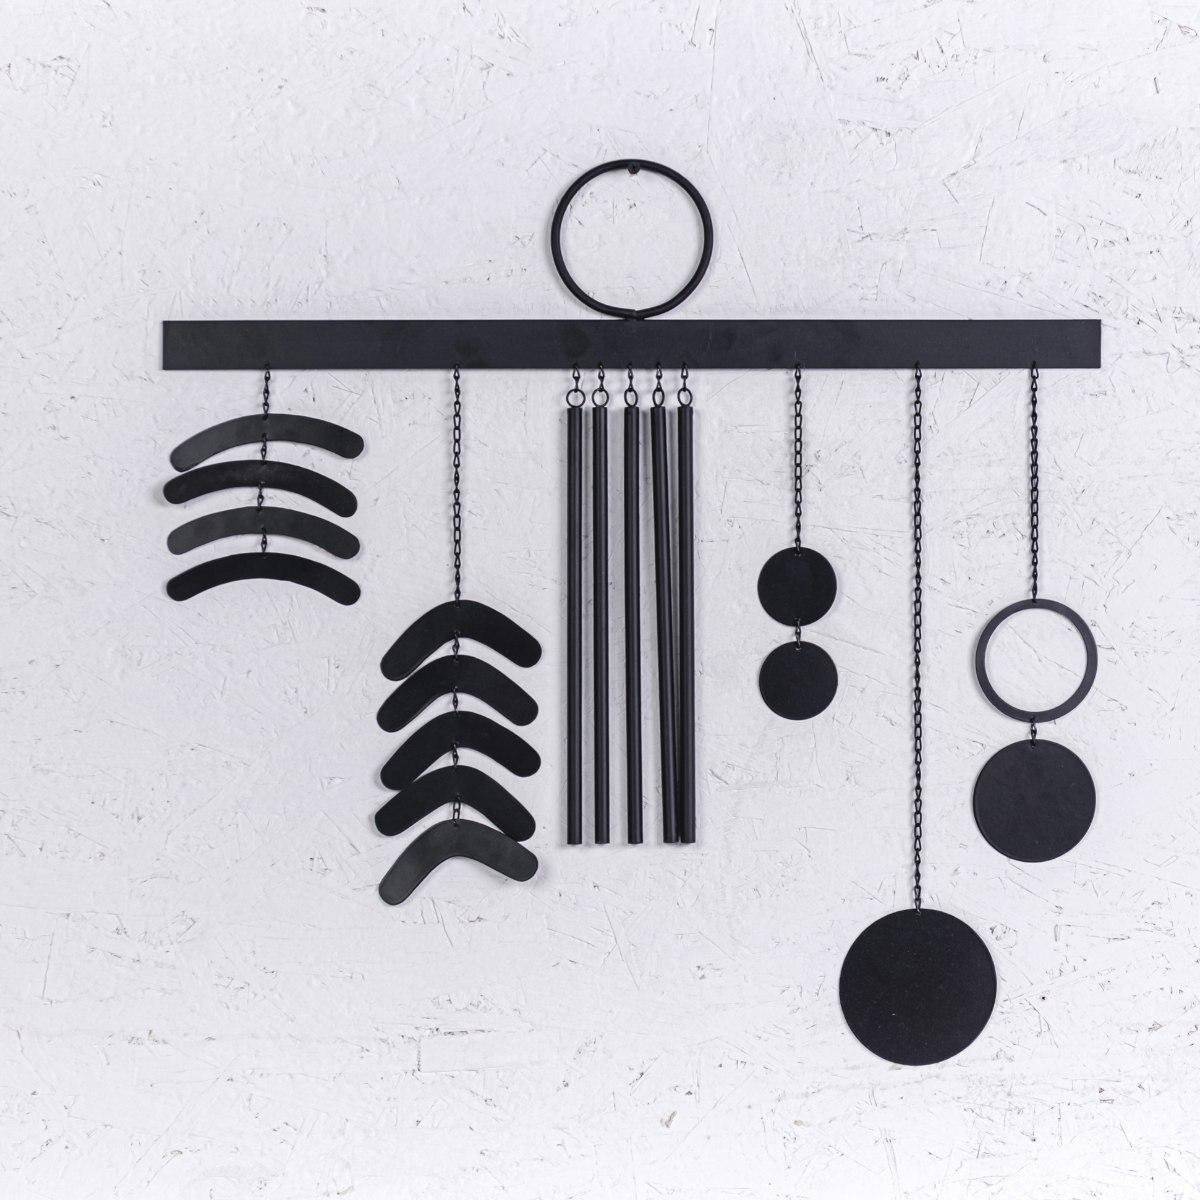 קישוט מתכת לקיר - ששת האלמנטים (שחור)